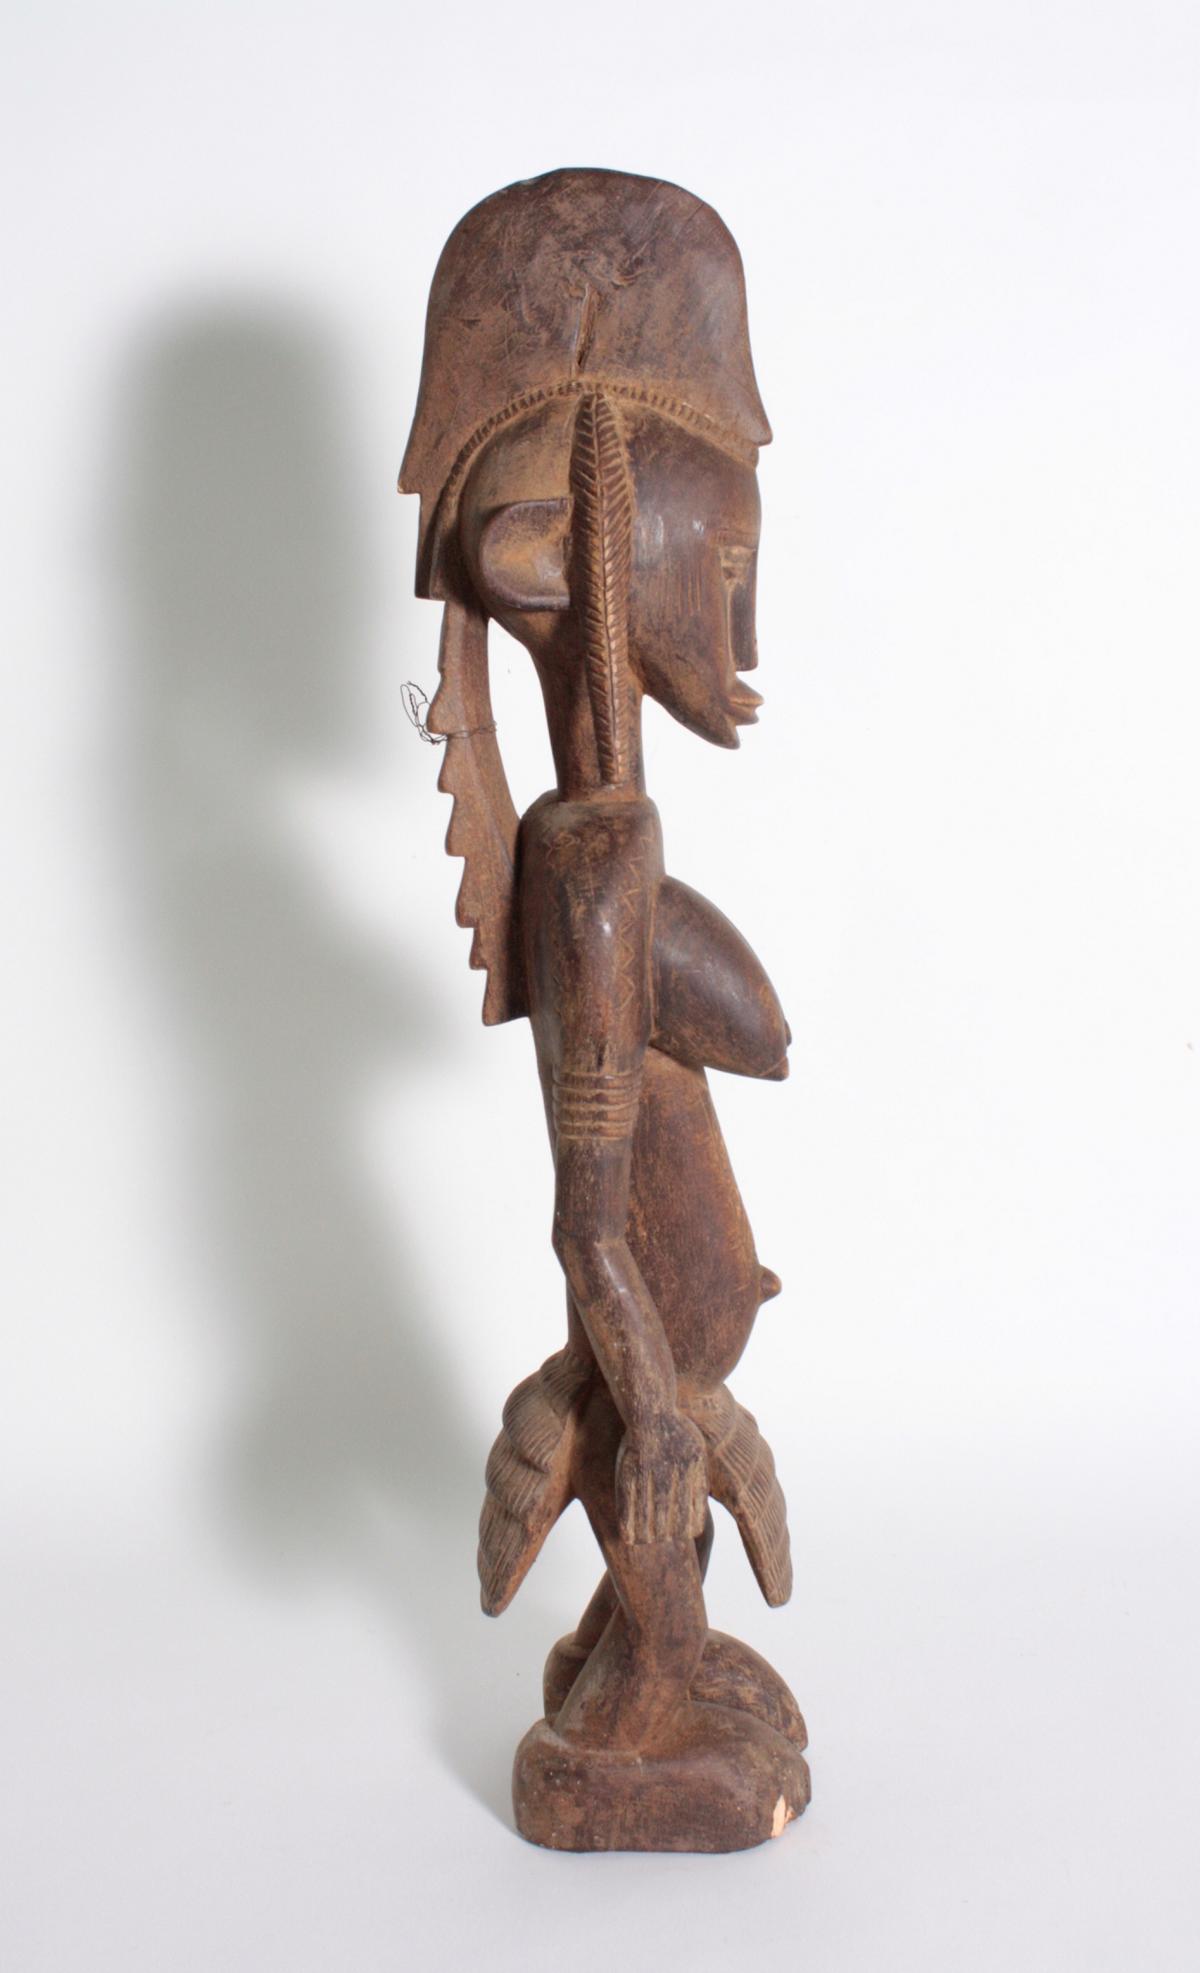 Stehende Frauenfigur, Senufo/Elfenbeinküste, 1. Hälfte 20. Jh.-3